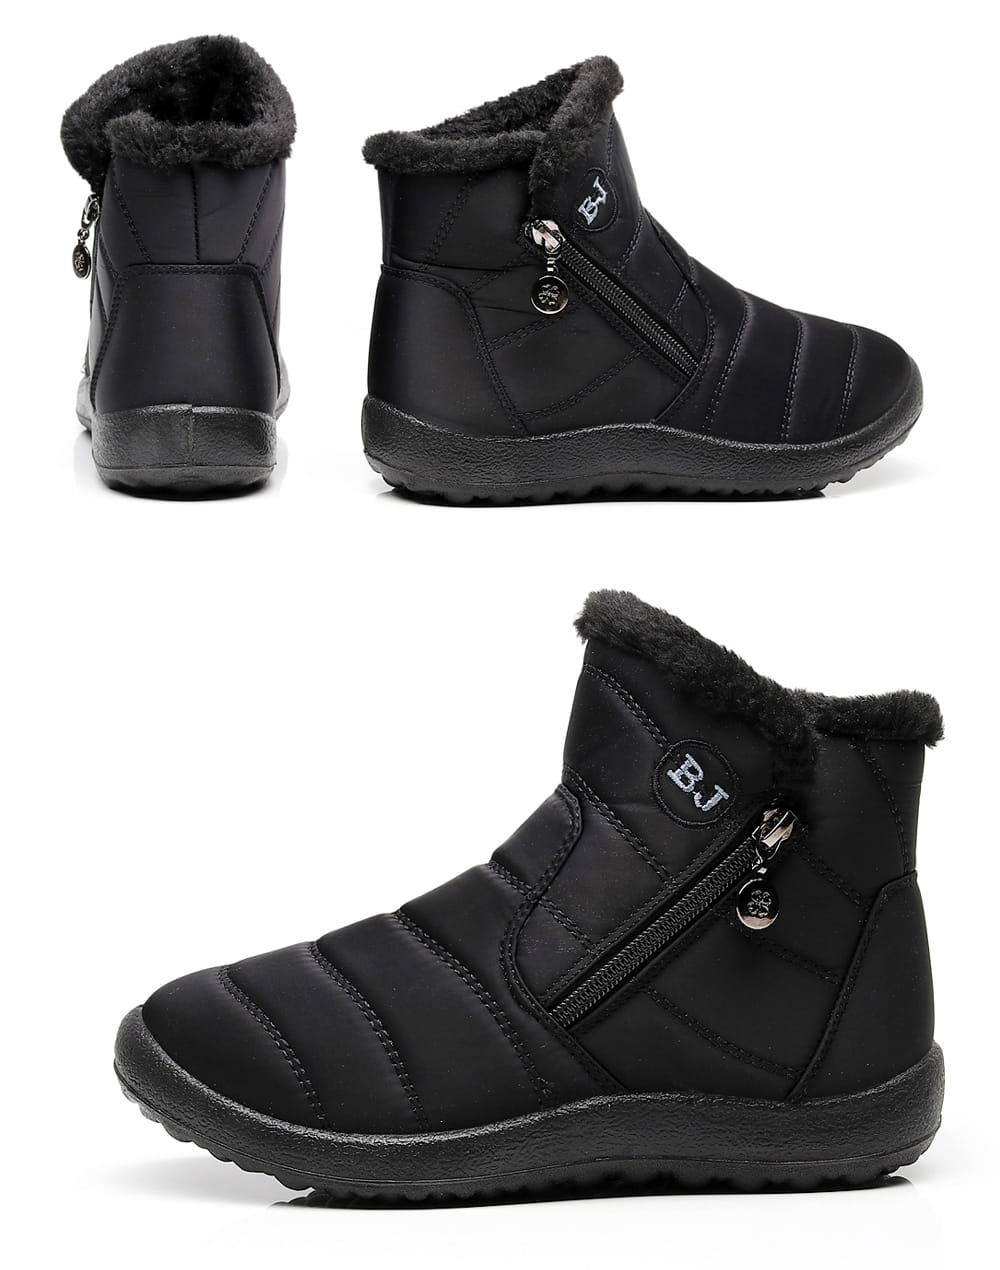 防水保暖防滑厚毛絨雪靴(36-42碼/3色可選) 13